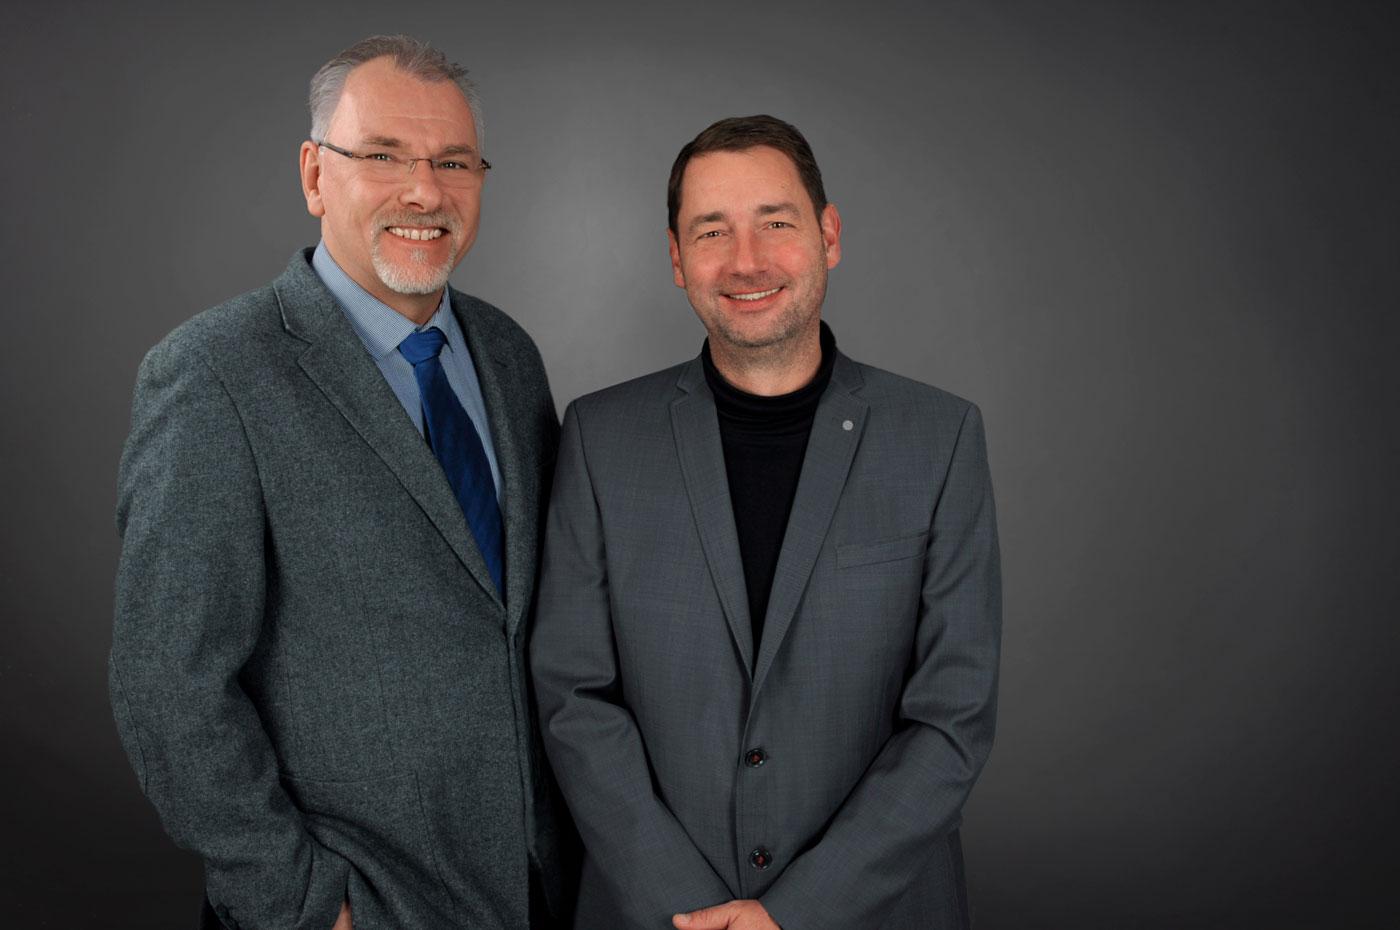 Die Geschäftsführer der BSMV-GmbH Petermann und Wiedmann